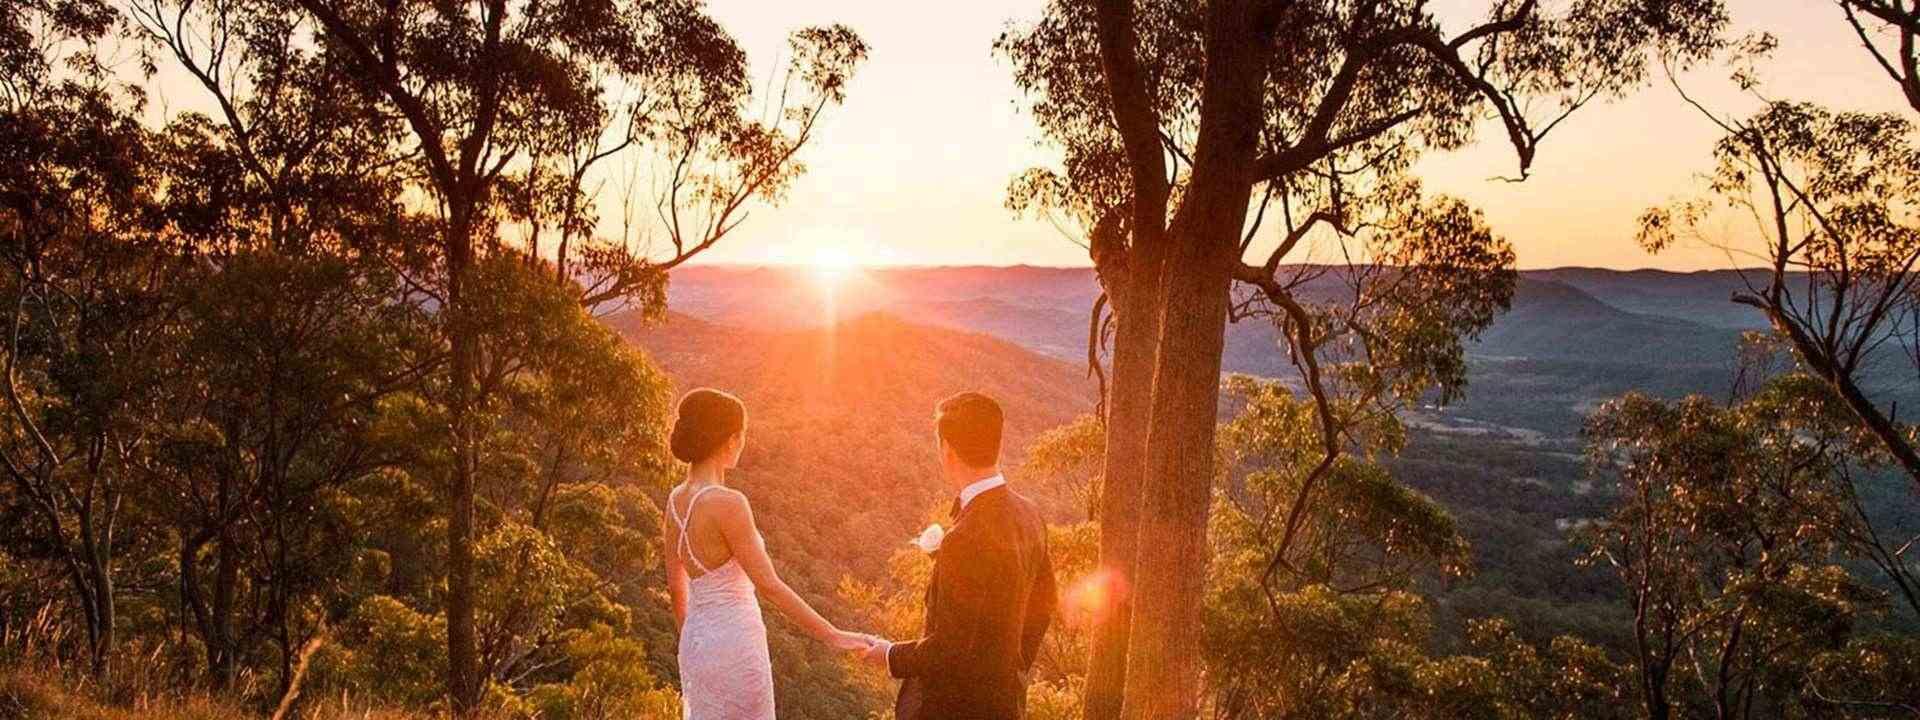 Wedding Venue - Spicers Peak Lodge 11 on Veilability